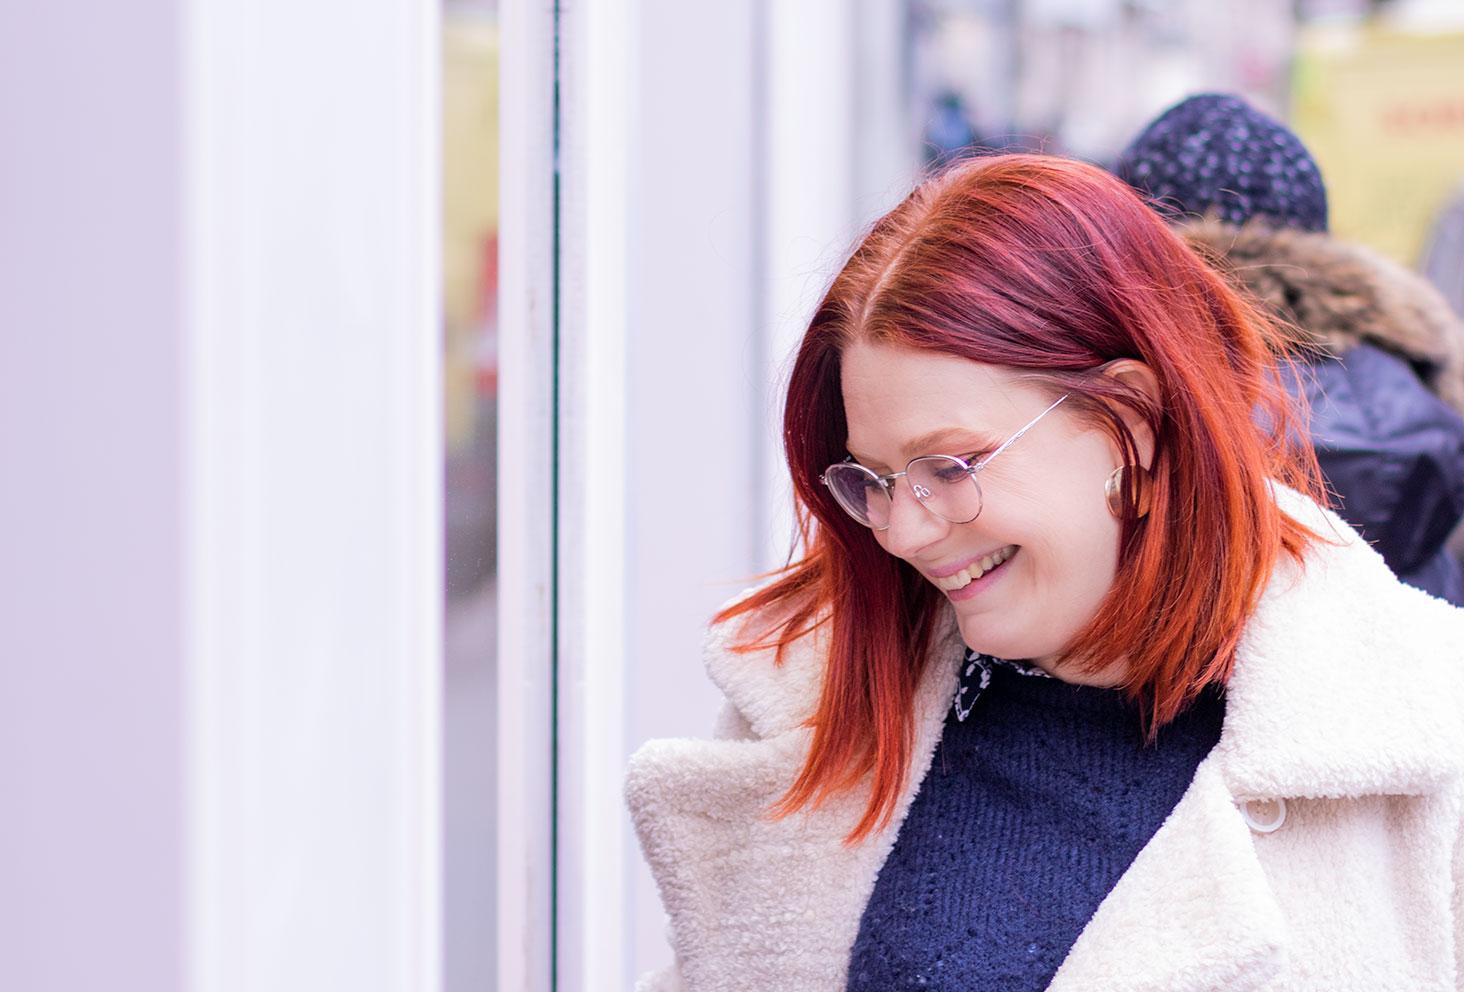 Devant la vitrine d'un magasin, de profil les cheveux derrière les oreilles, en manteau blanc épais